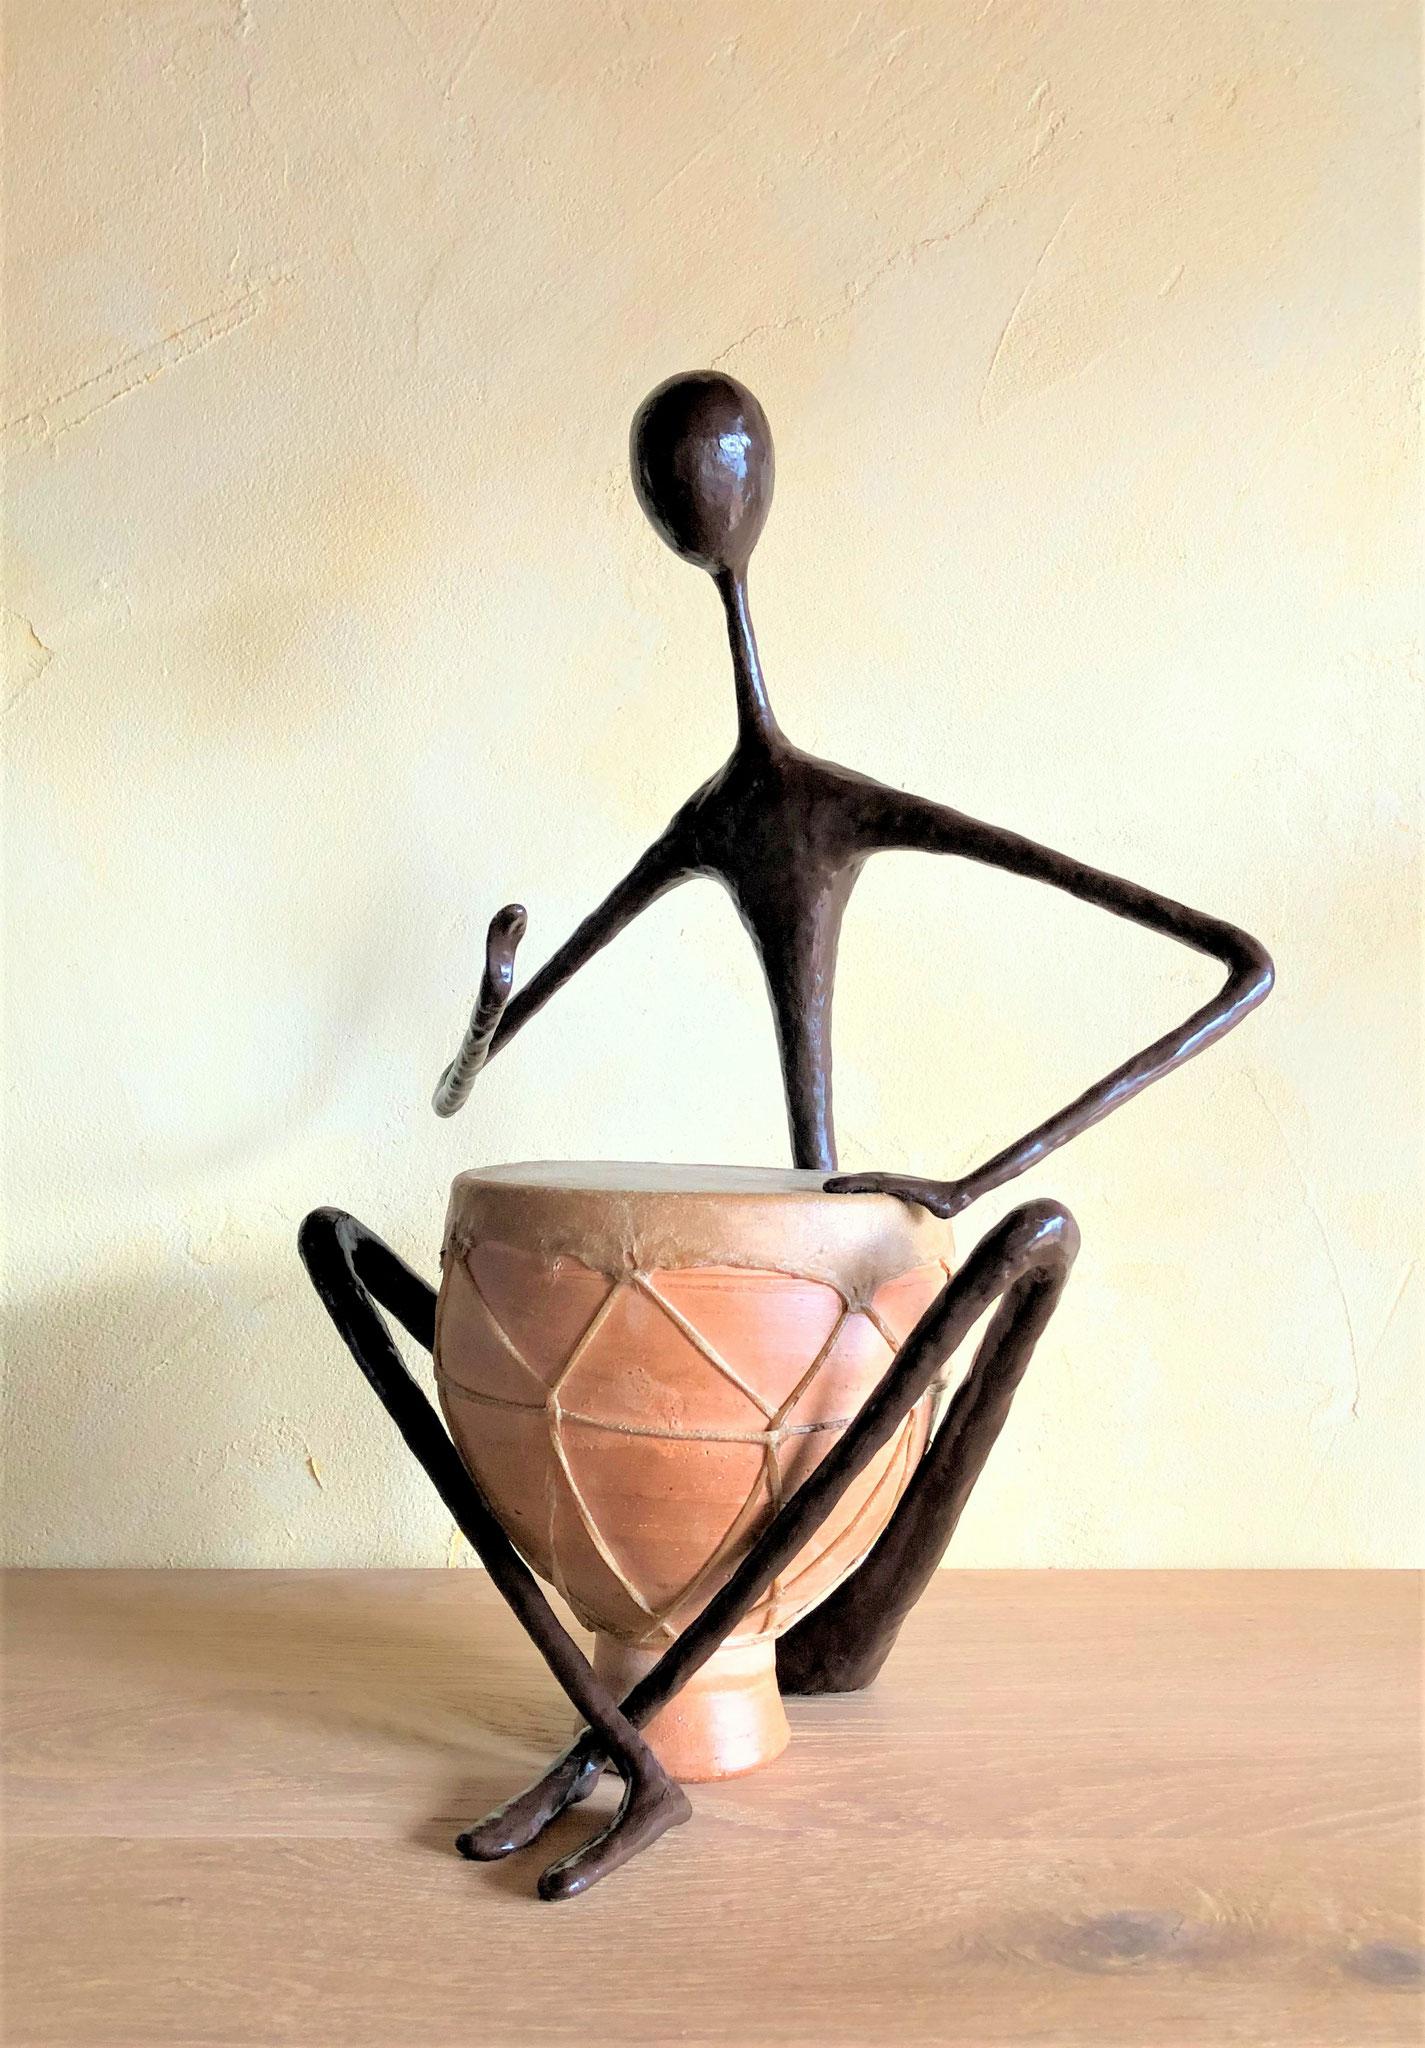 Le joueur de tambour - H46 x B35 x T23 cm